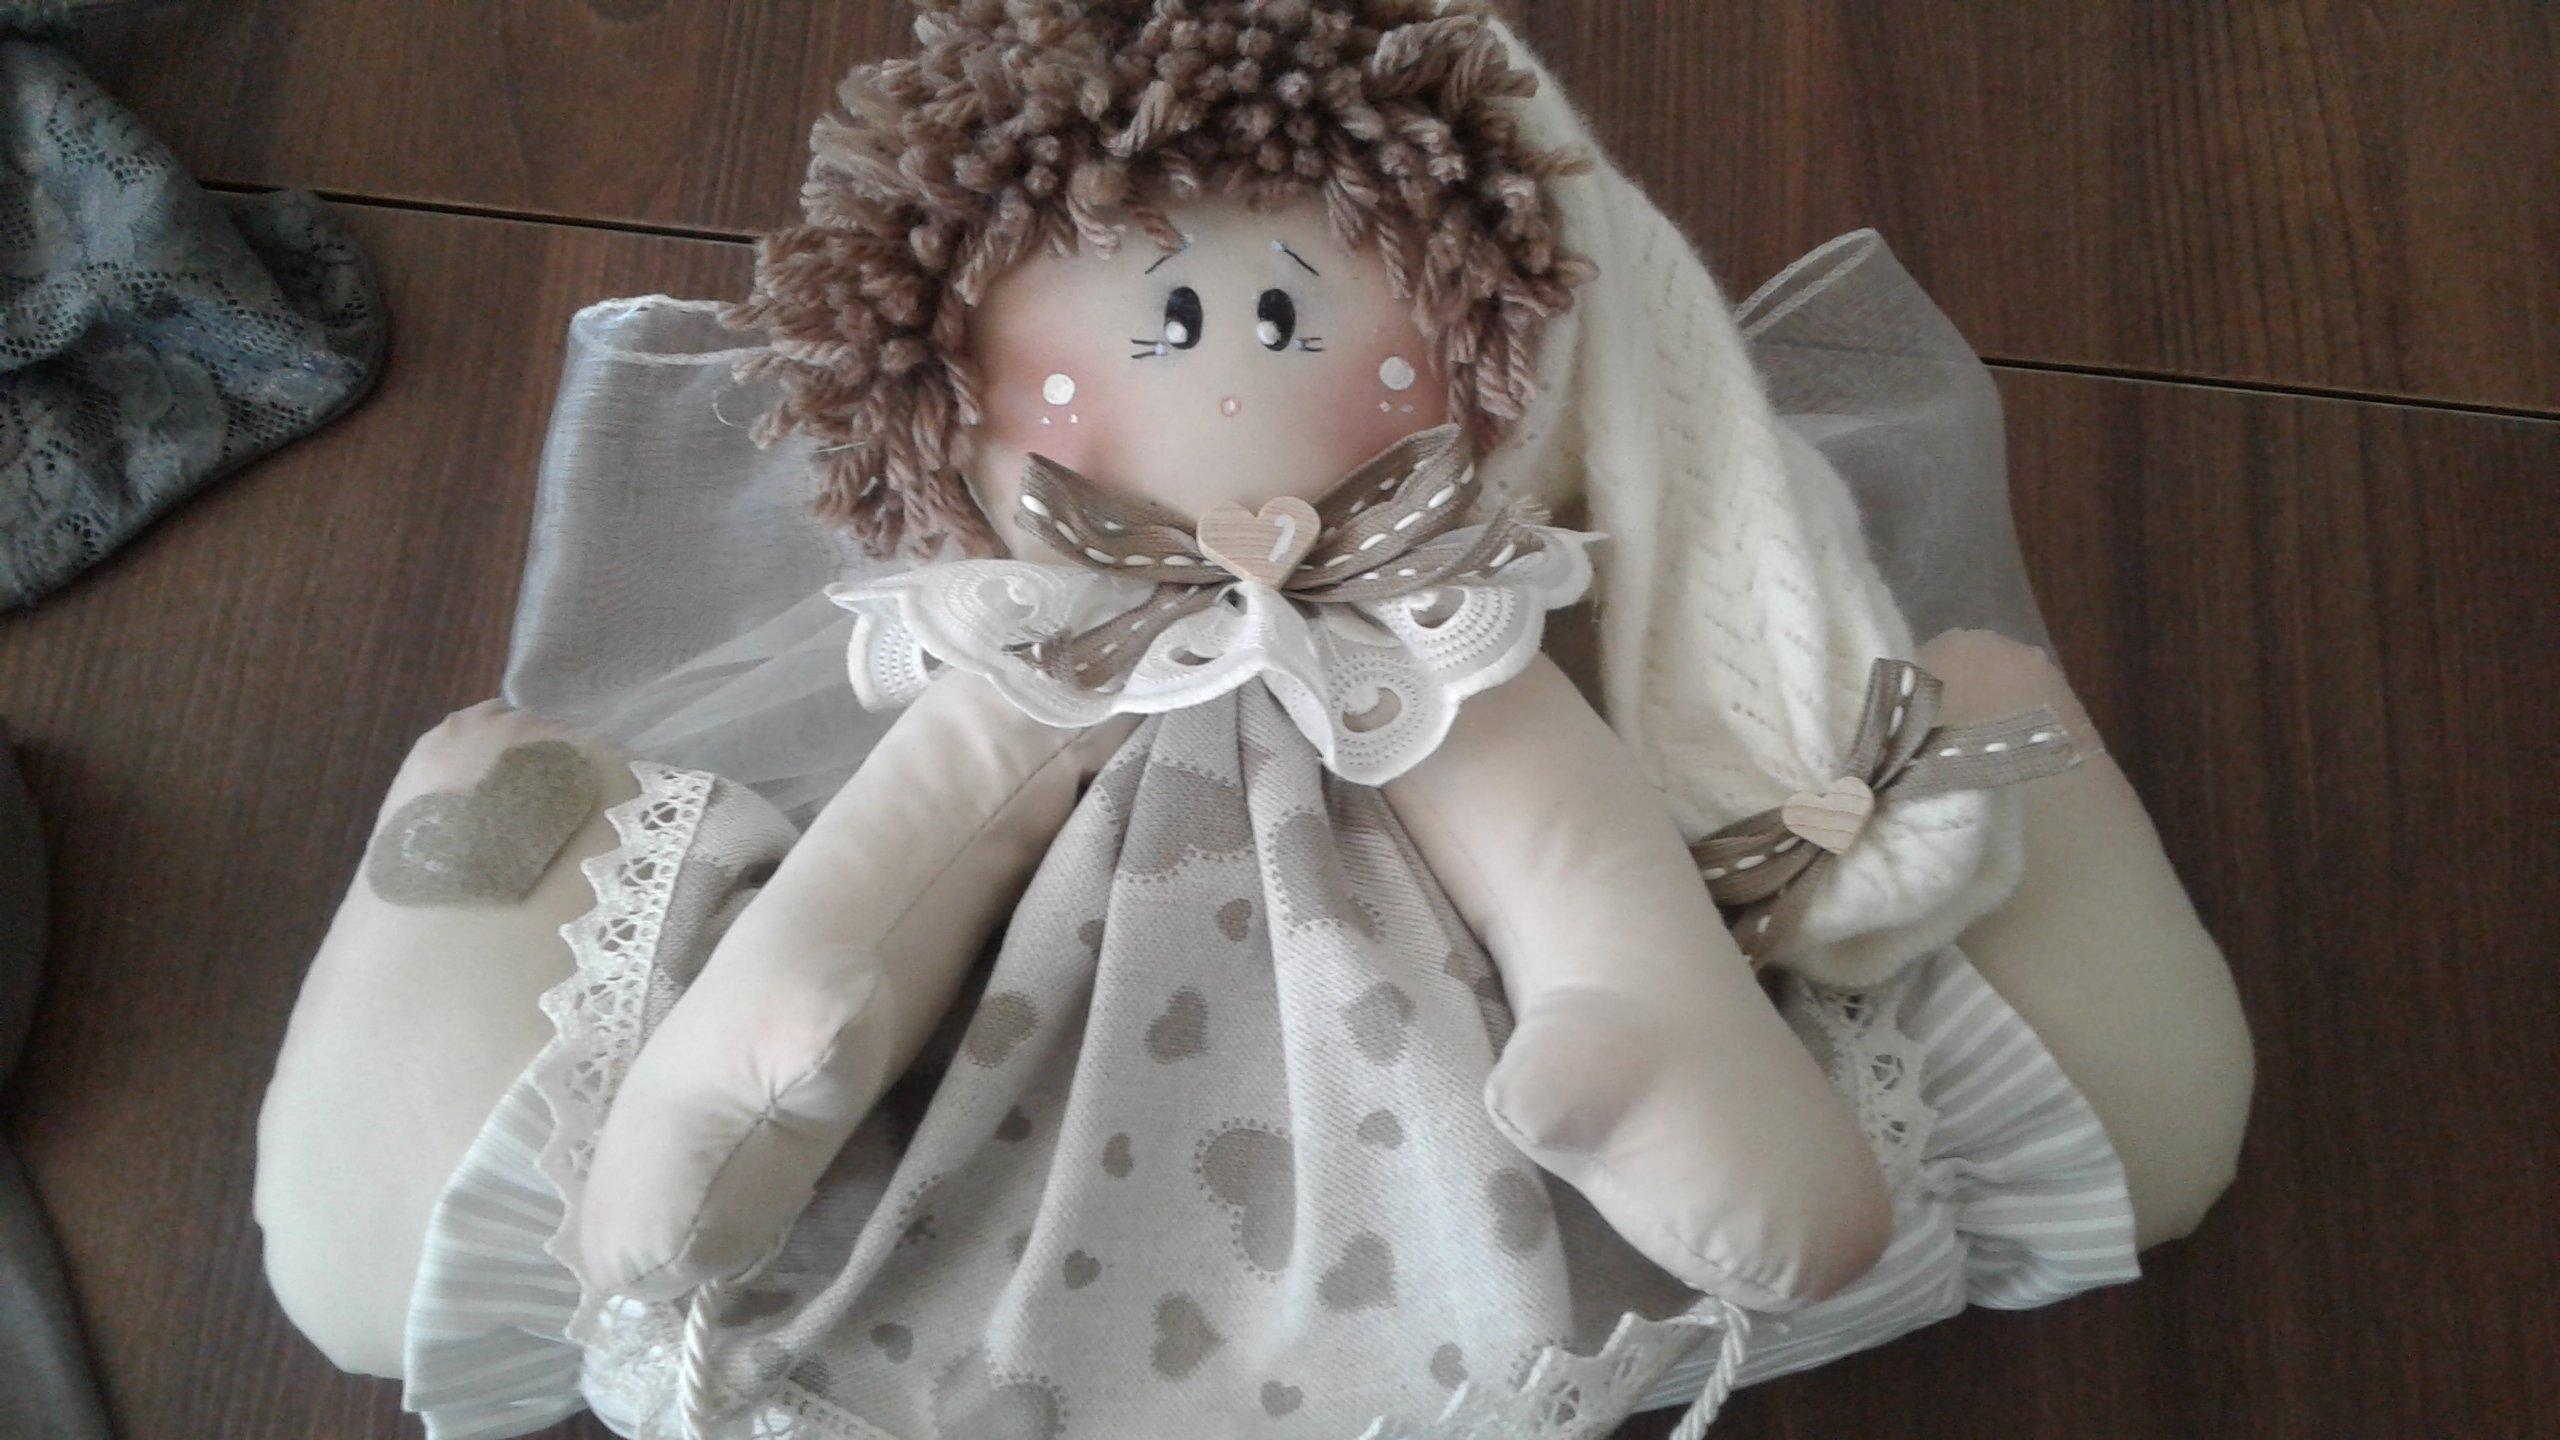 bambola di pezza con vestito bianco con cuori